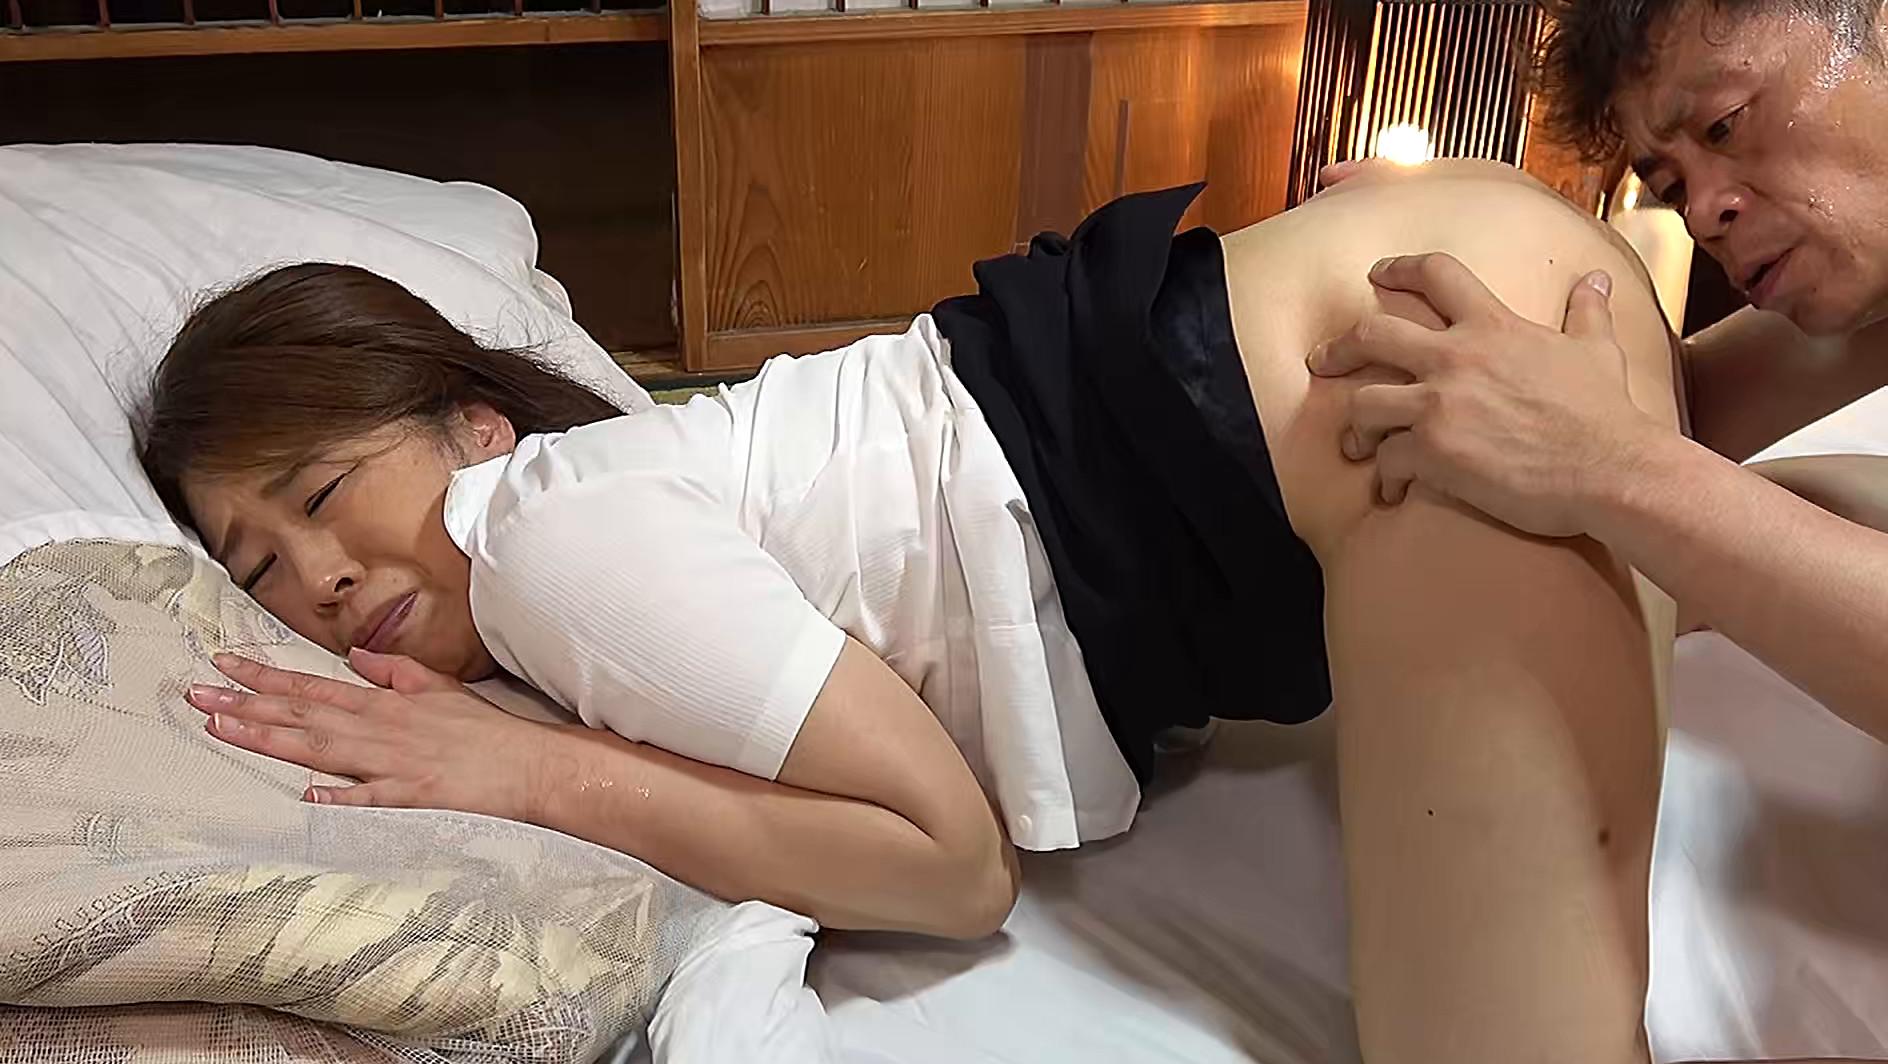 昭和猥褻官能ドラマ 明日、東京に引越しする憧れていた同級生を呼び出して・・・ 心優しい先生は教え子のお父さんに無理やり・・・ 画像20